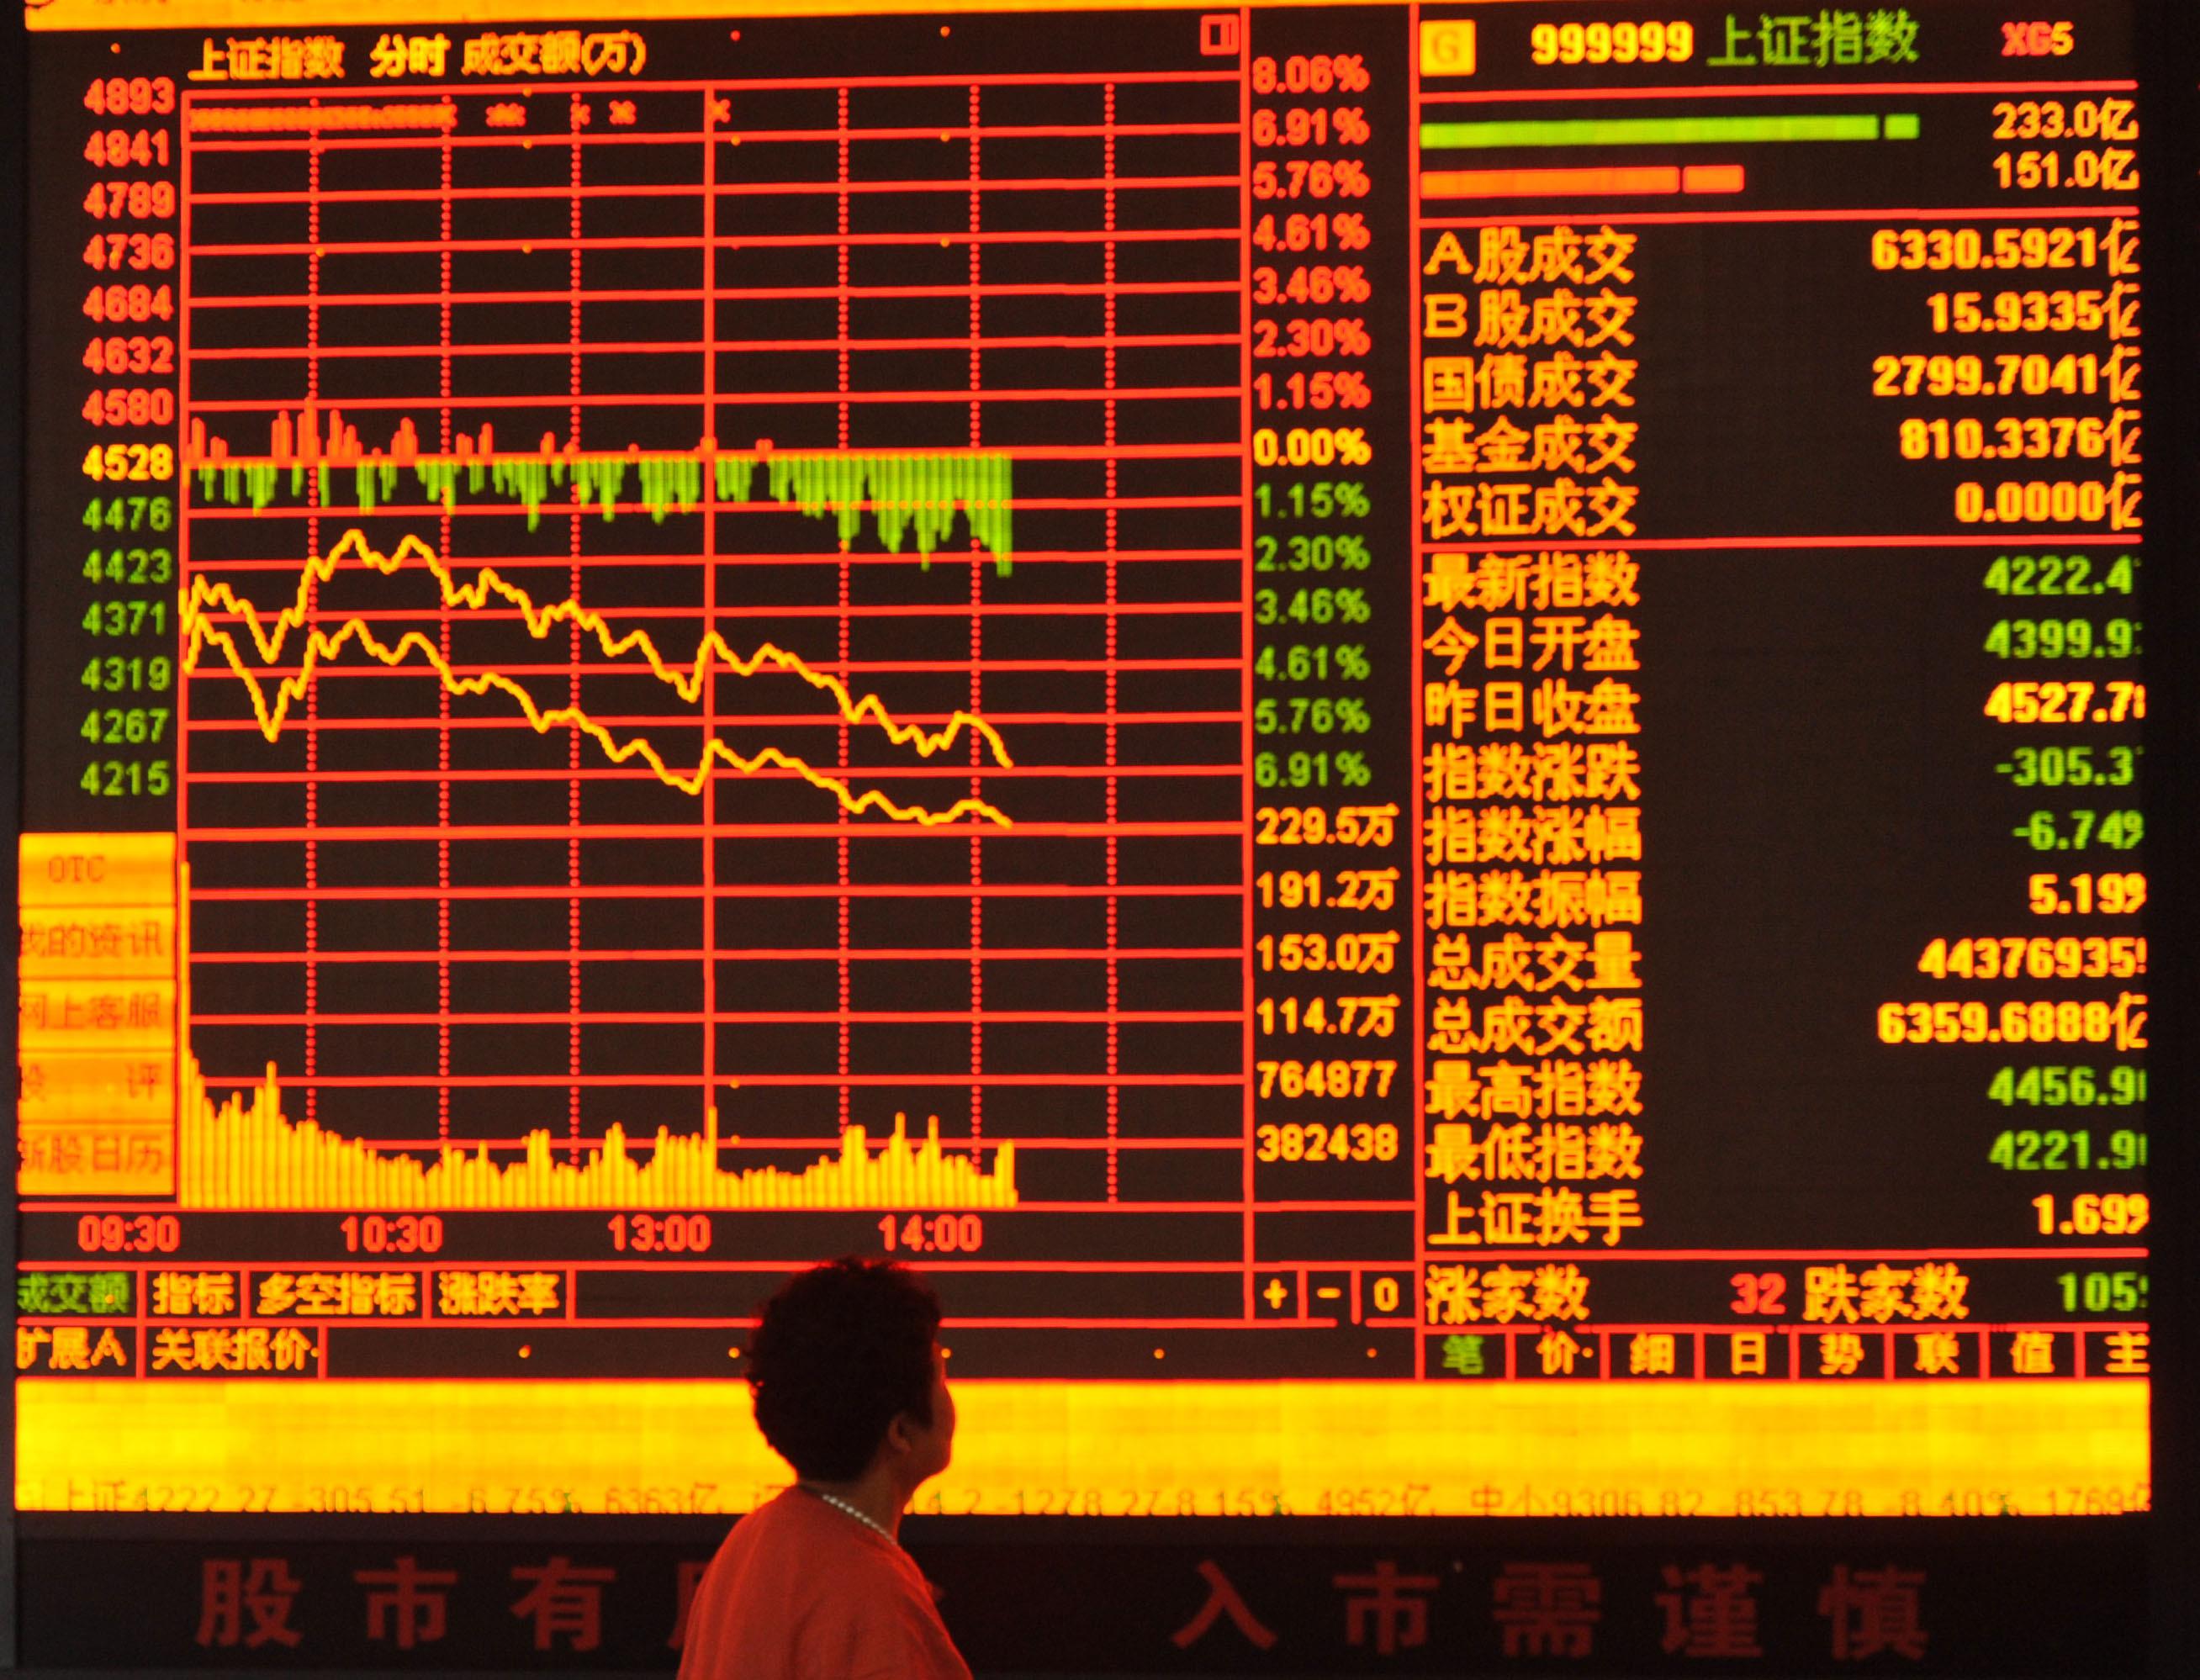 Mächtige Manipulatoren: Chinas Börse ist jetzt politisches Schlachtfeld